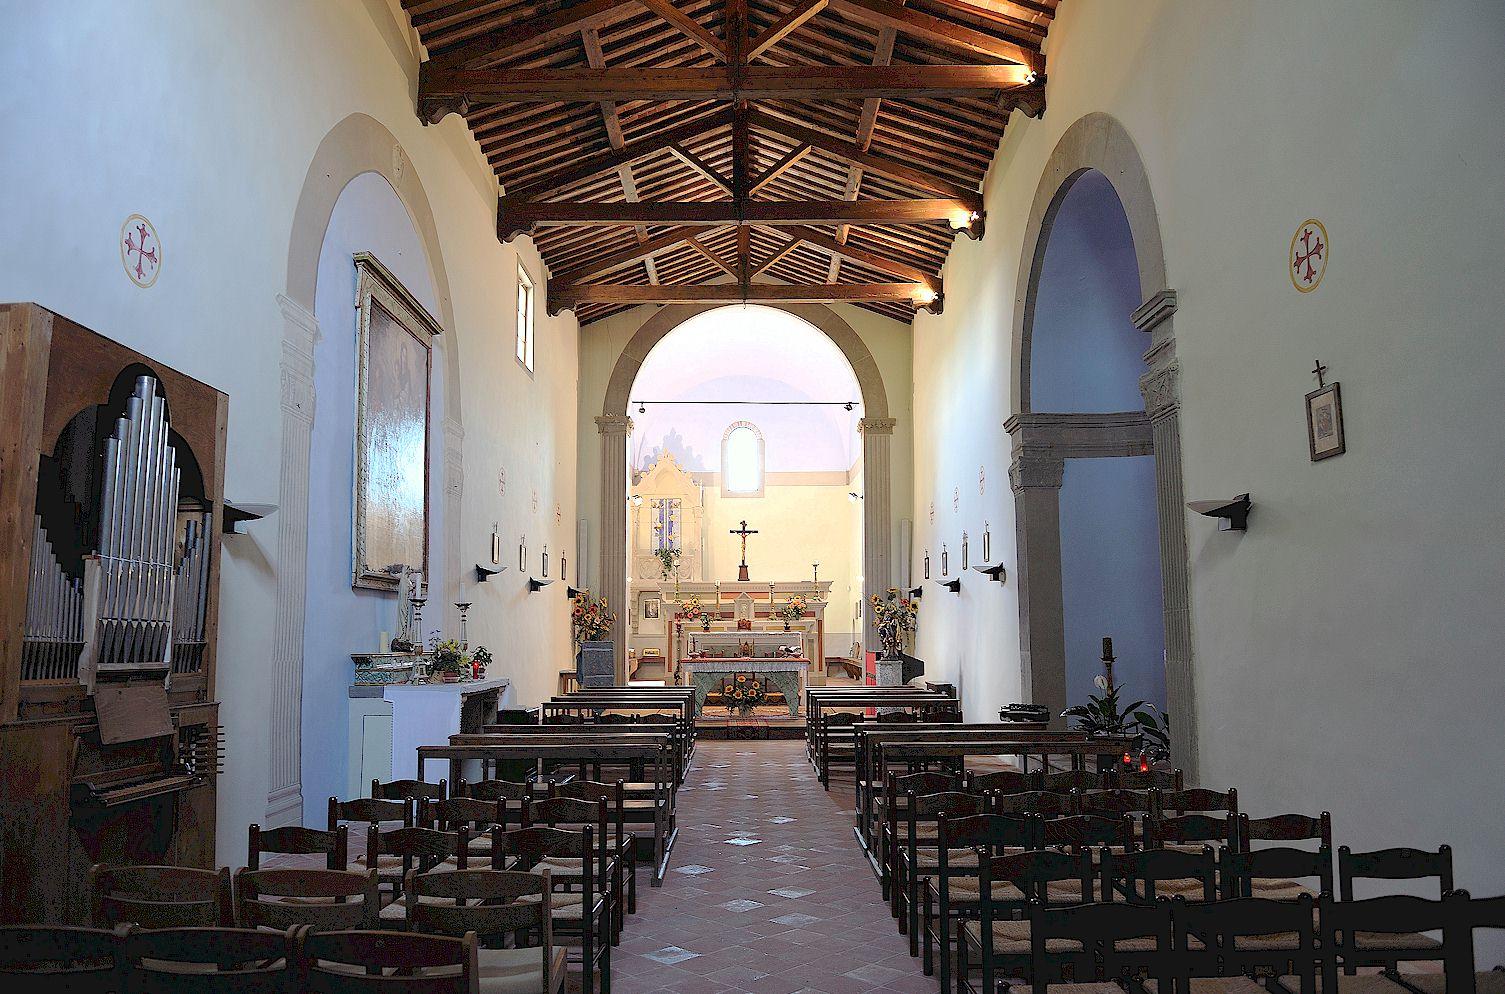 Oratorio di Sant' Eufrosino interior